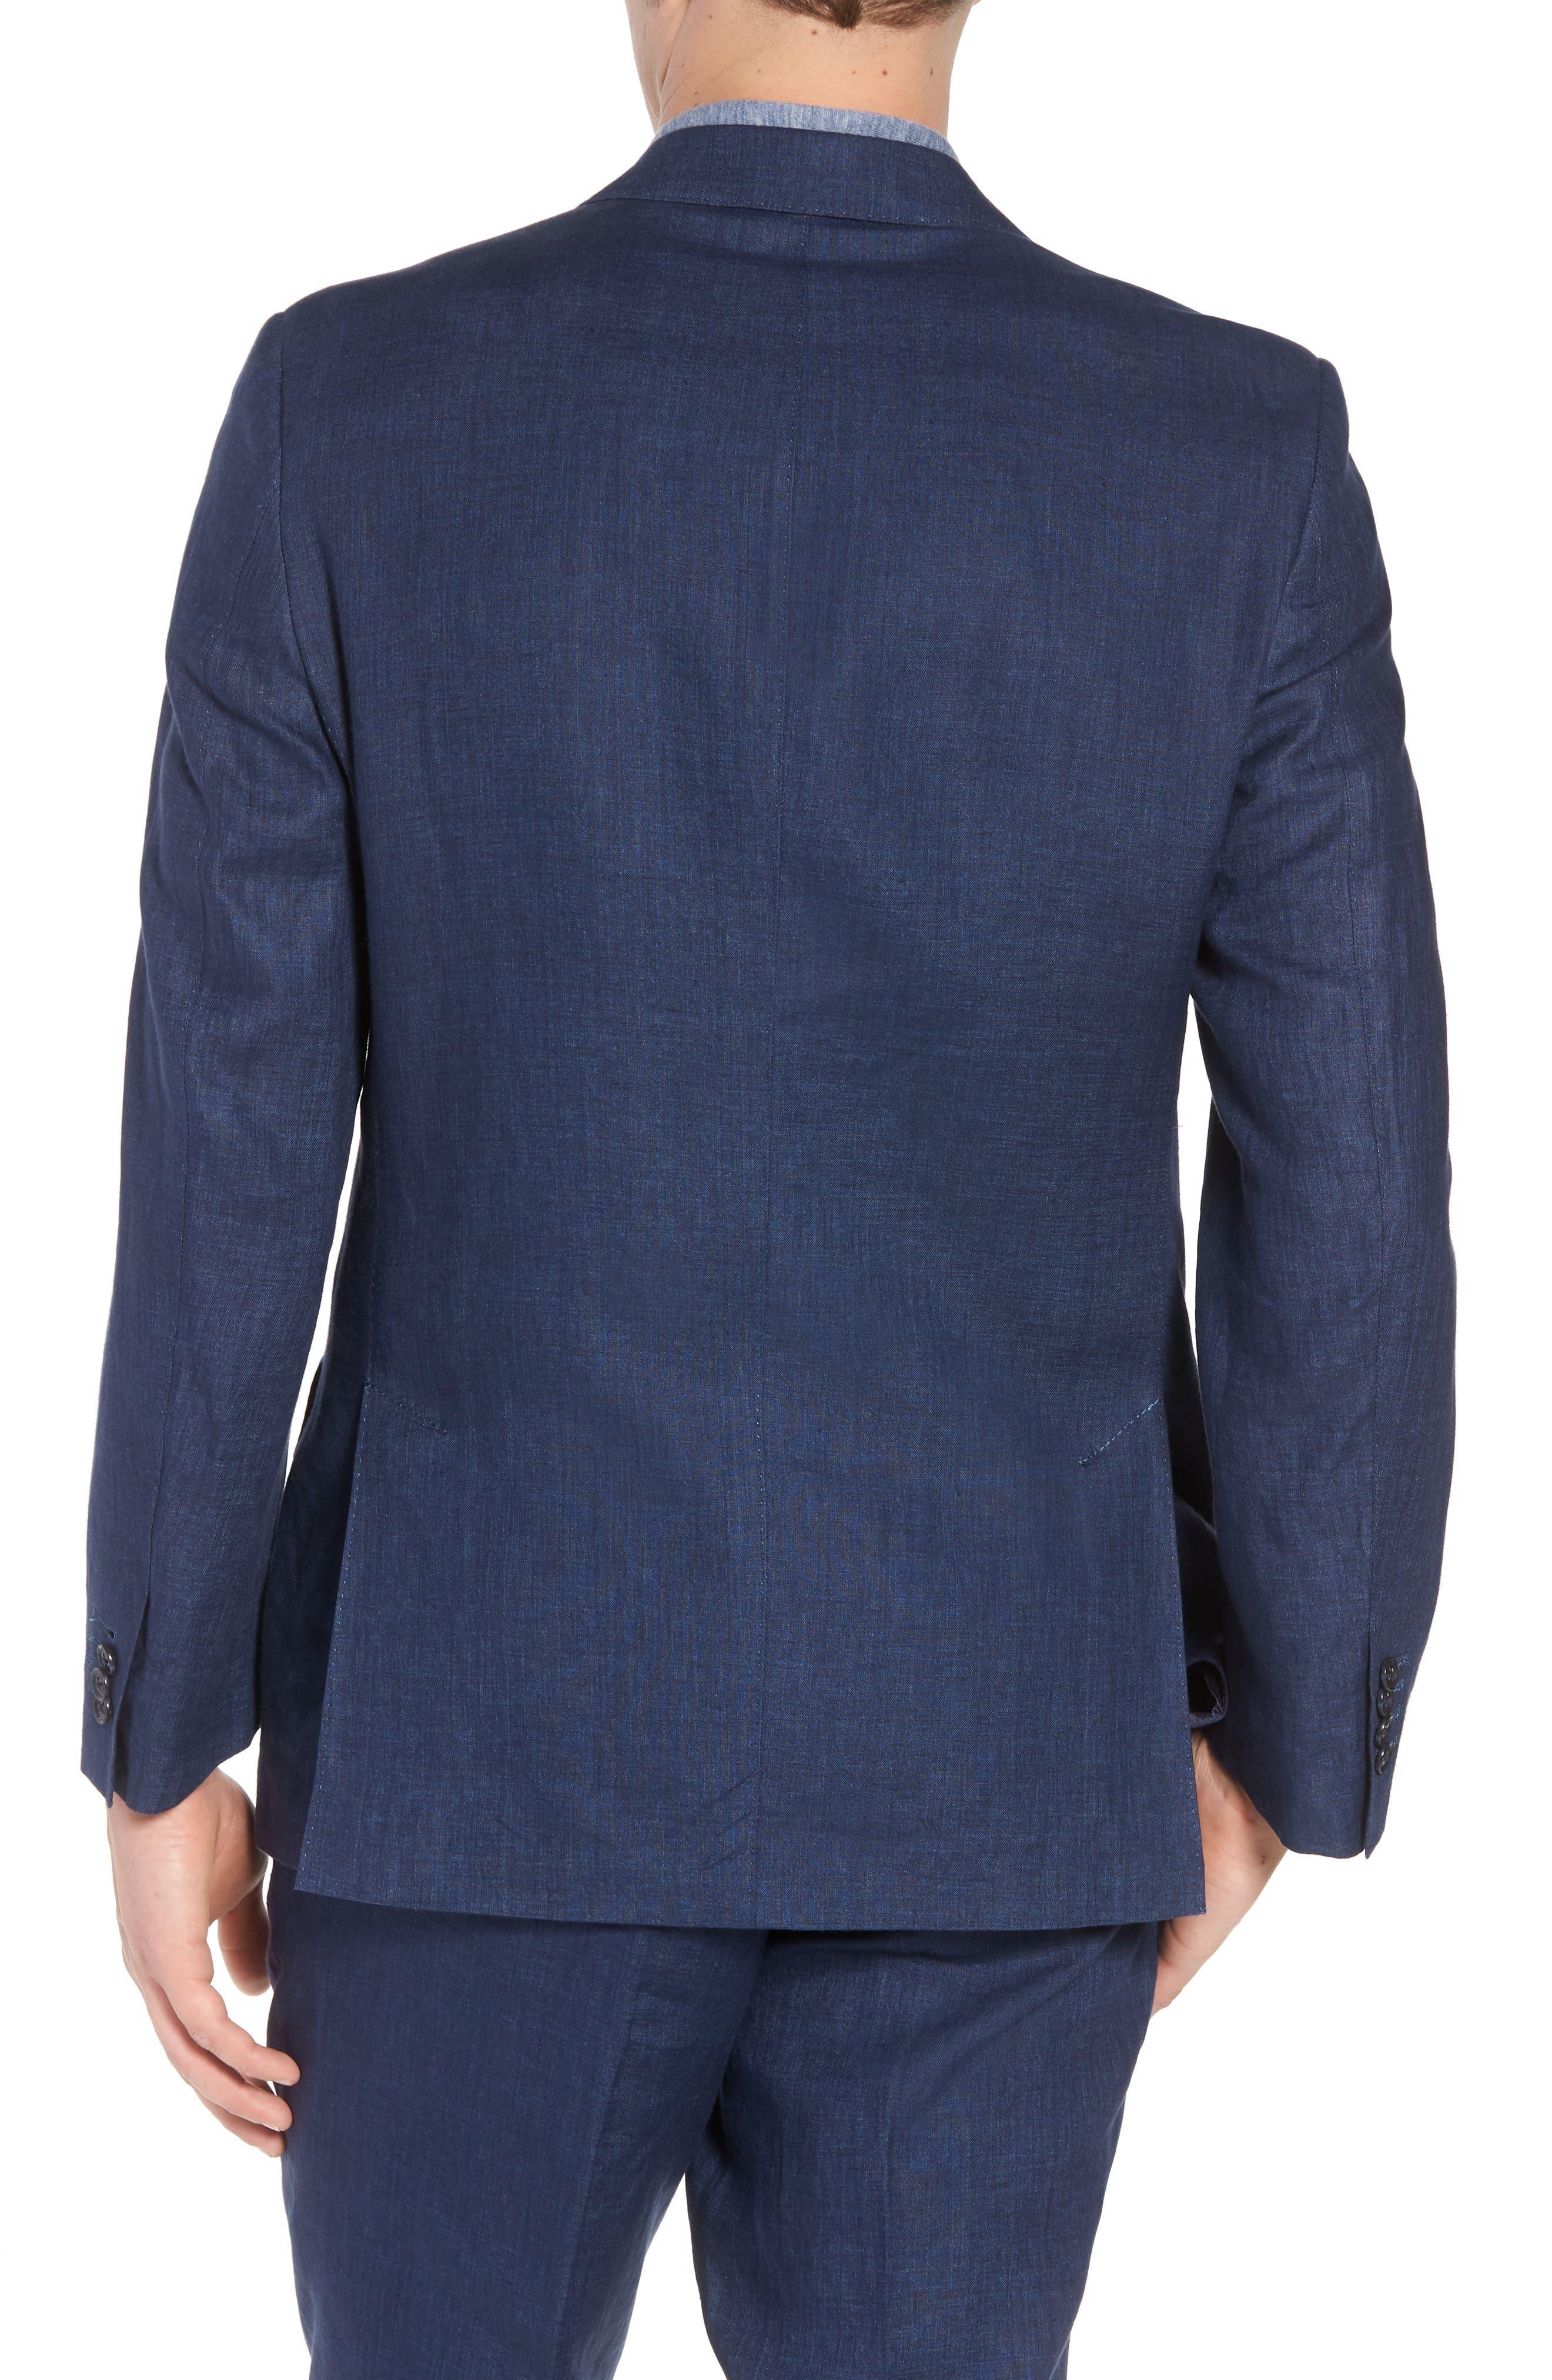 Jack AIM Classic Fit Linen Blazer,                             Alternate thumbnail 2, color,                             NAVY